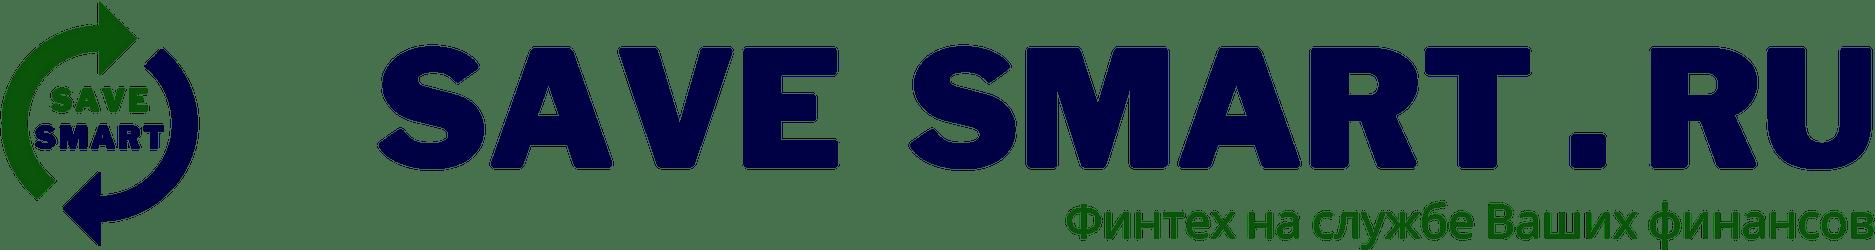 Логотип SaveSmart.Ru. Финтех на службе Ваших финансов.